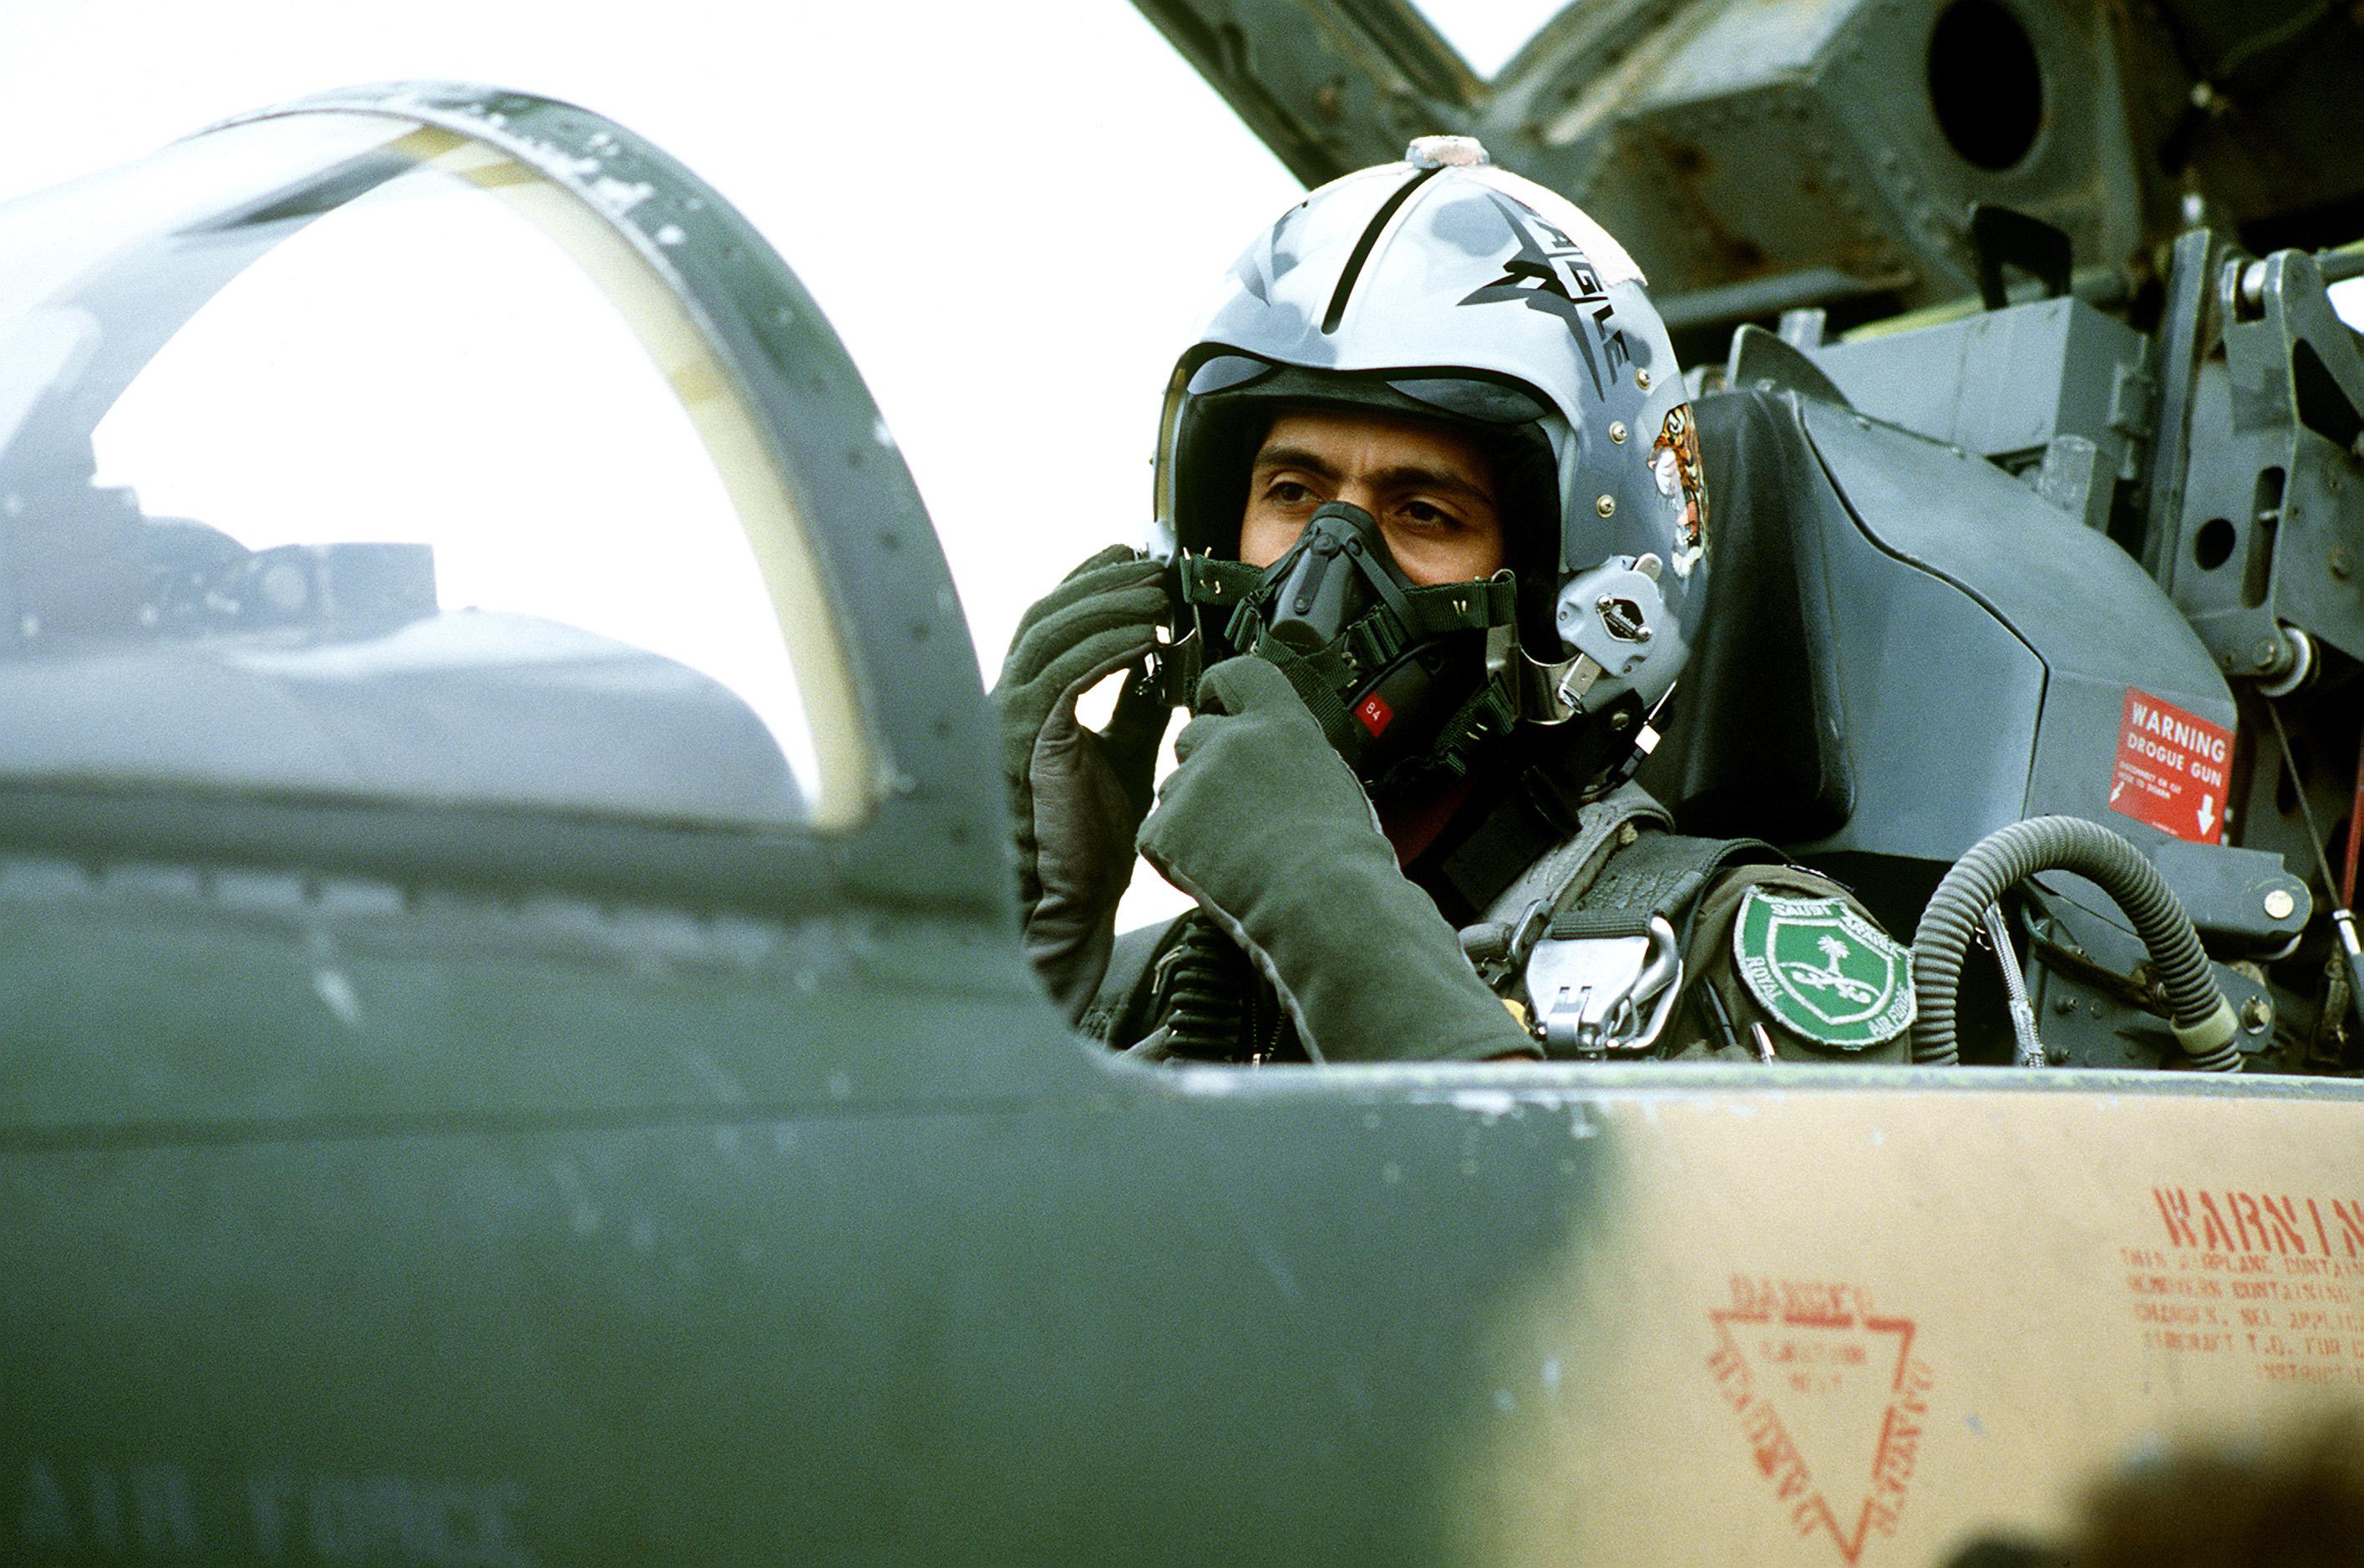 الشامل وبالتفصيل الممل عن تاريخ القوات الجويه السعوديه<<الصقور الخضر>> Saudi_Air_Force_Al_Shahrani